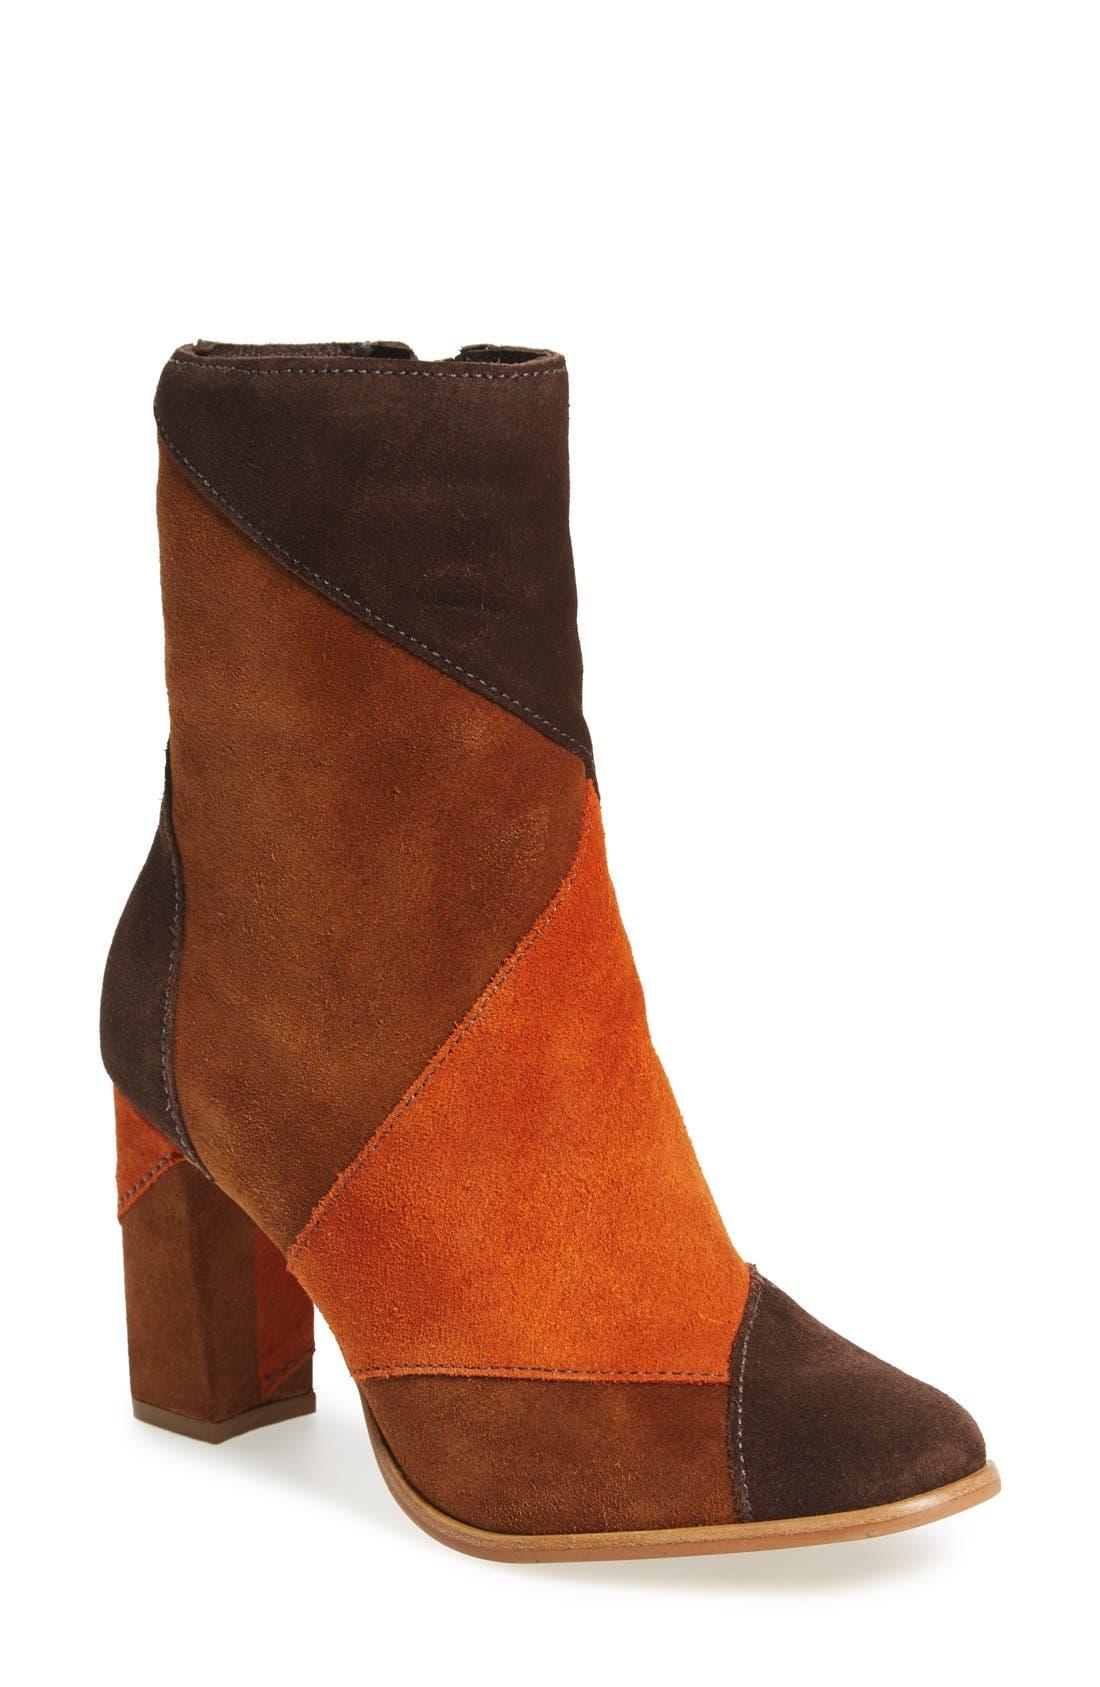 Main Image - Matisse Jigsaw Block Heel Bootie (Women)